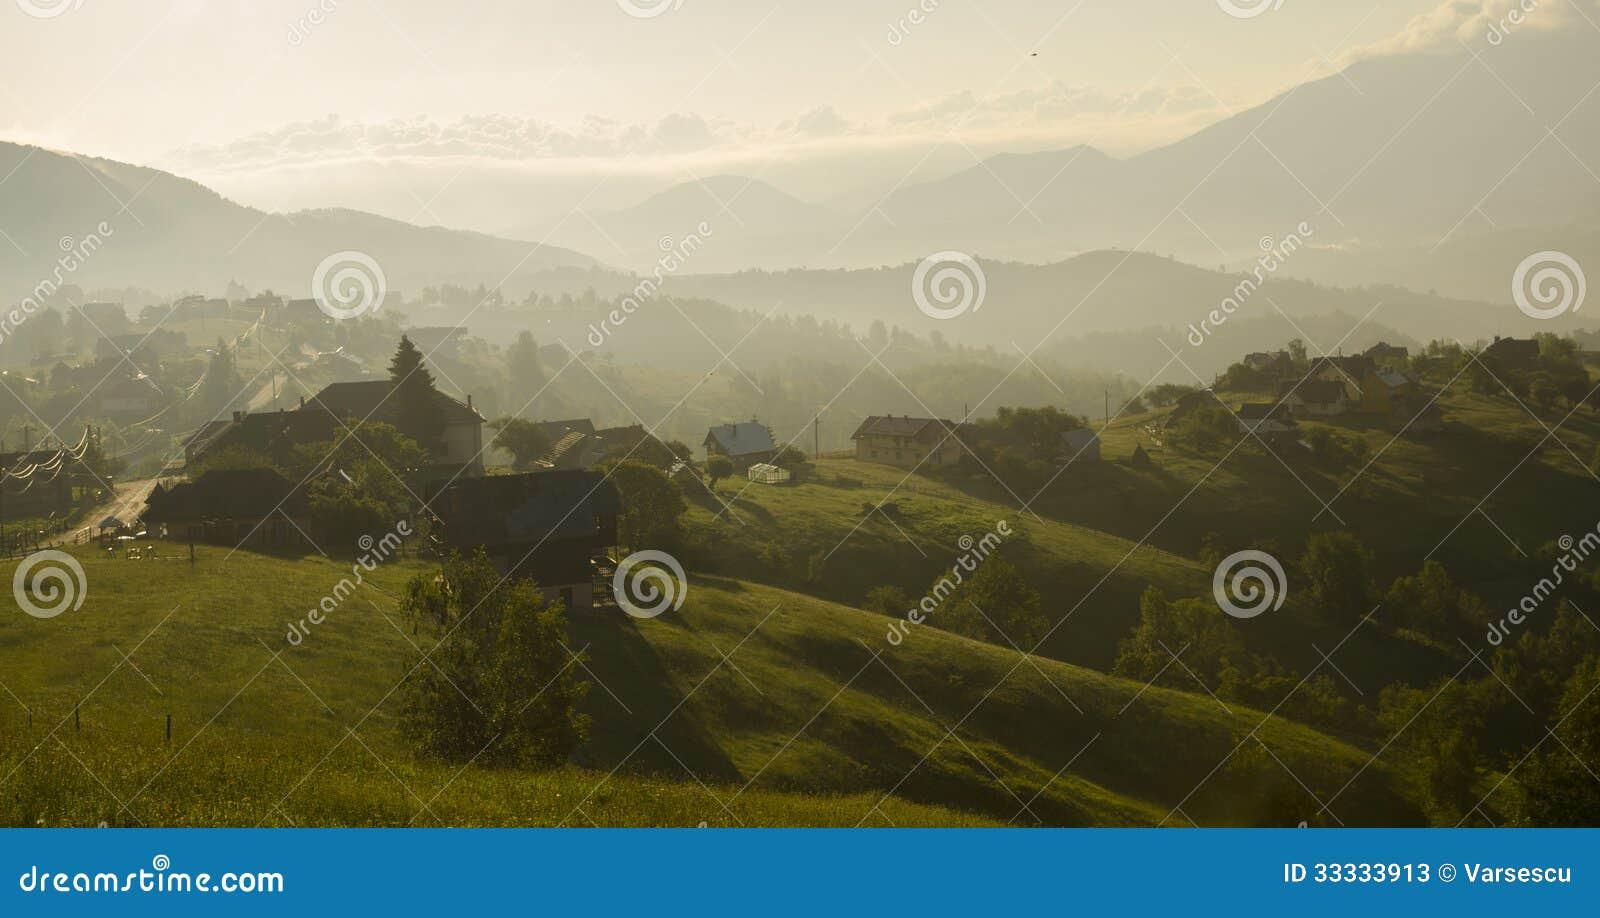 日出在农村山村